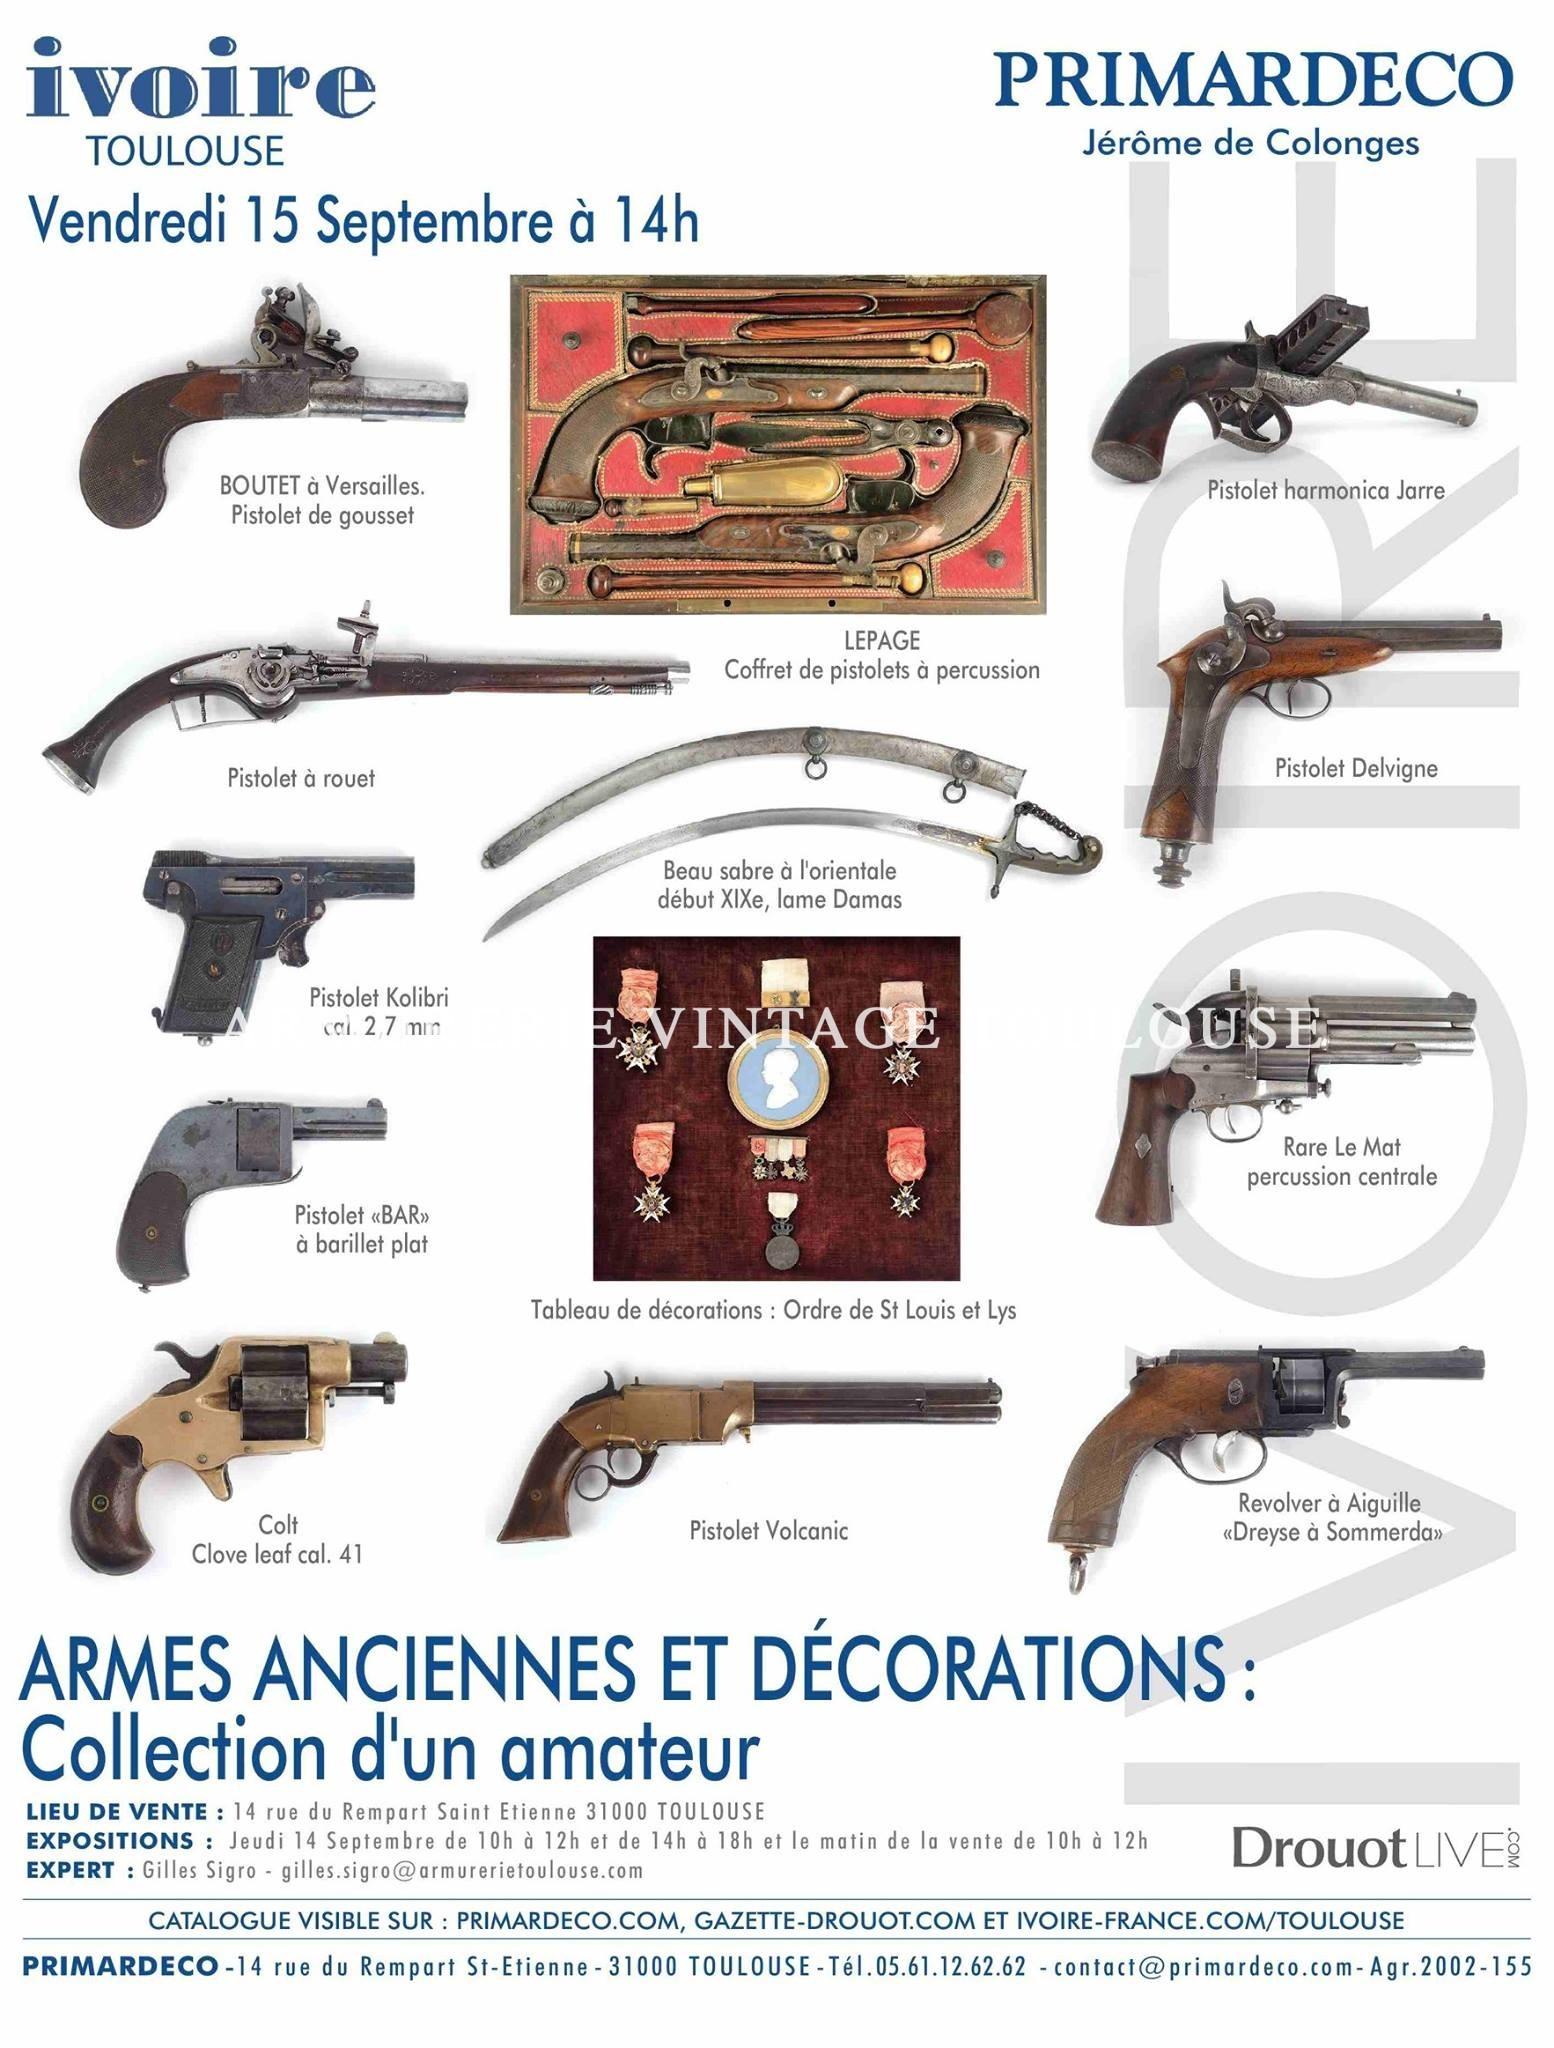 Belle vente d'armes anciennes, d'insignes et de décorations le 15 Septembre chez Primardeco